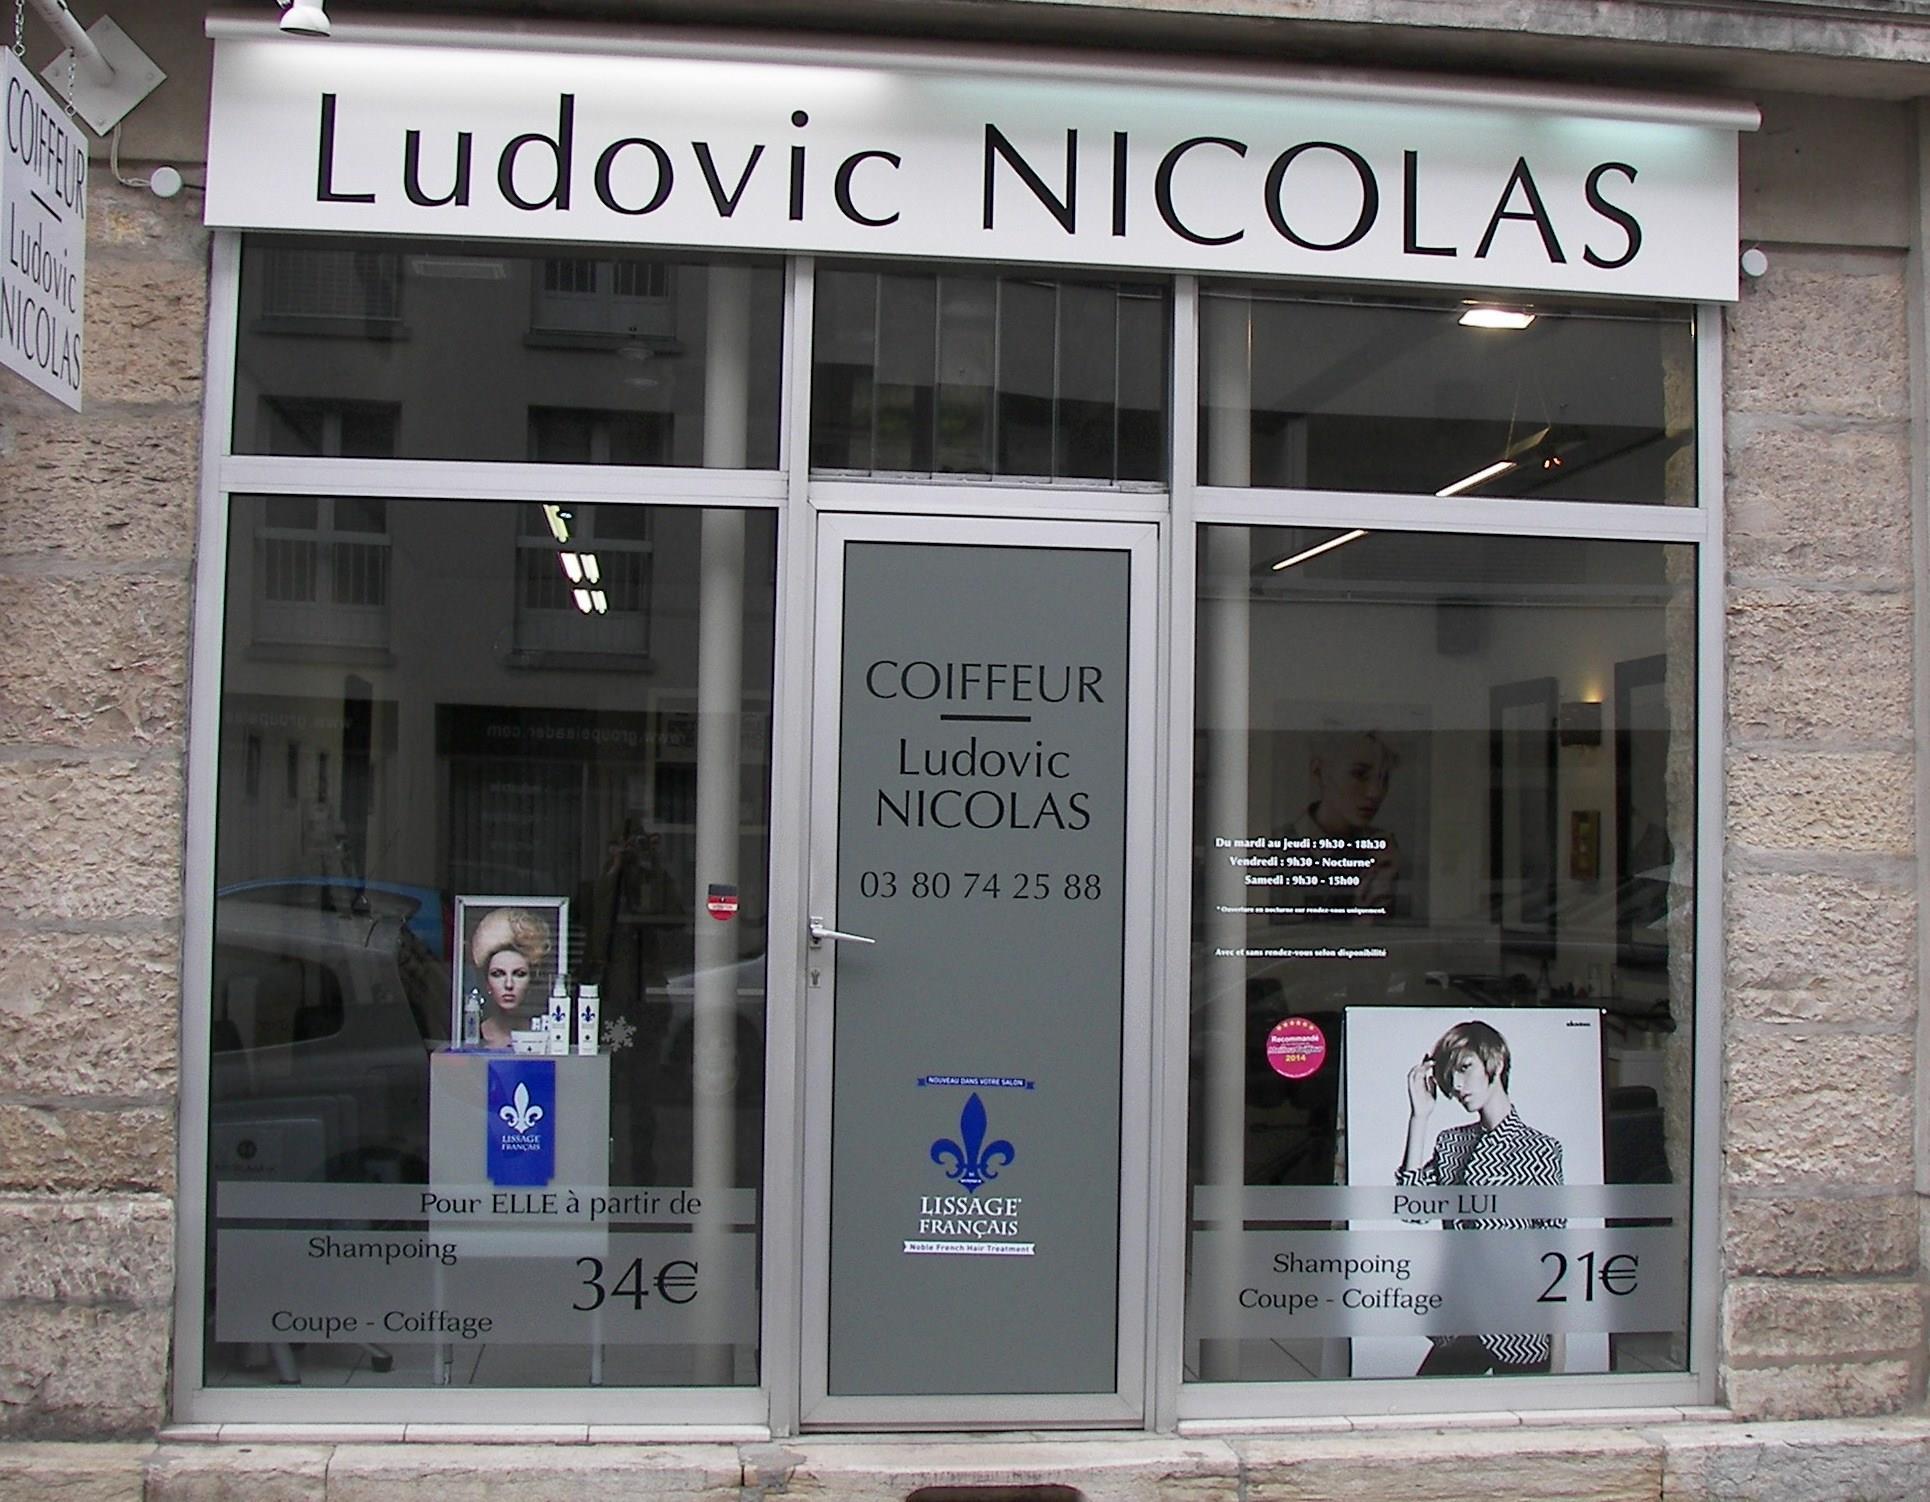 Ludovic Nicolas